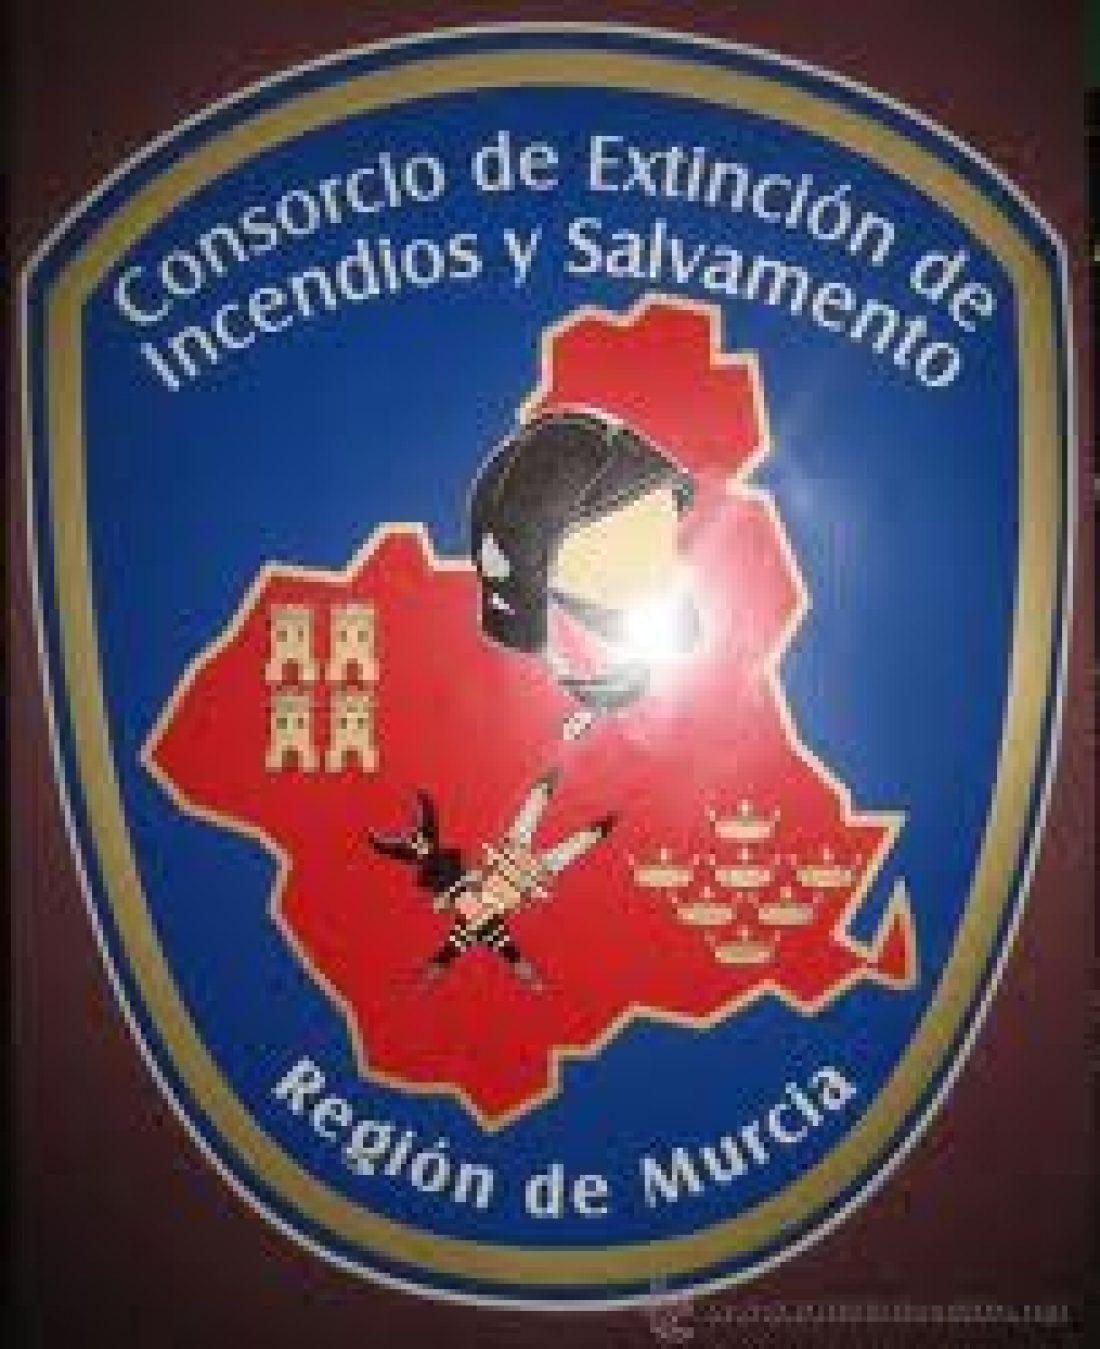 La dirección política del Consorcio de Extinción de Incendios y Salvamento de Murcia nos lleva a la ruina